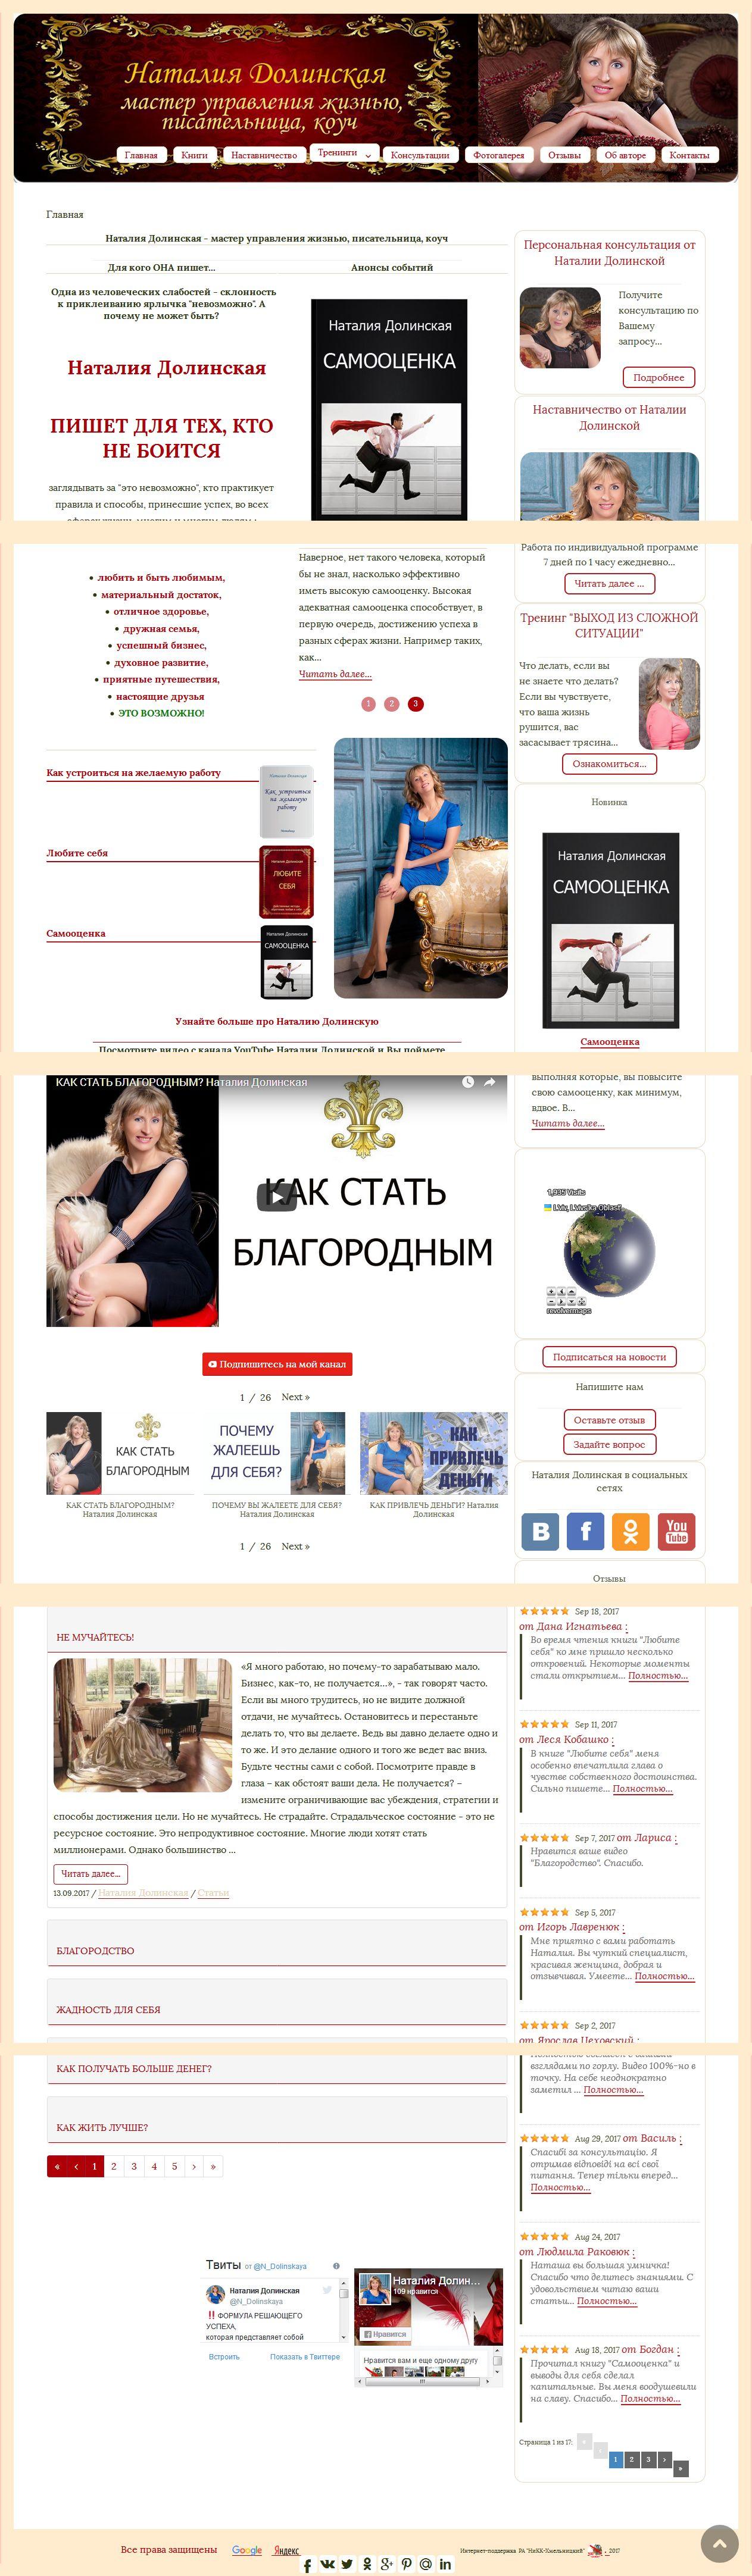 НиКК . Создание разработка сайта, продвижение, раскрутка сайтов, контекстная реклама. Рекламное агентство интернет маркетинг. Заказать сайт , seo оптимизация, seo продвижение, создание интернет магазина, реклама в интернете.